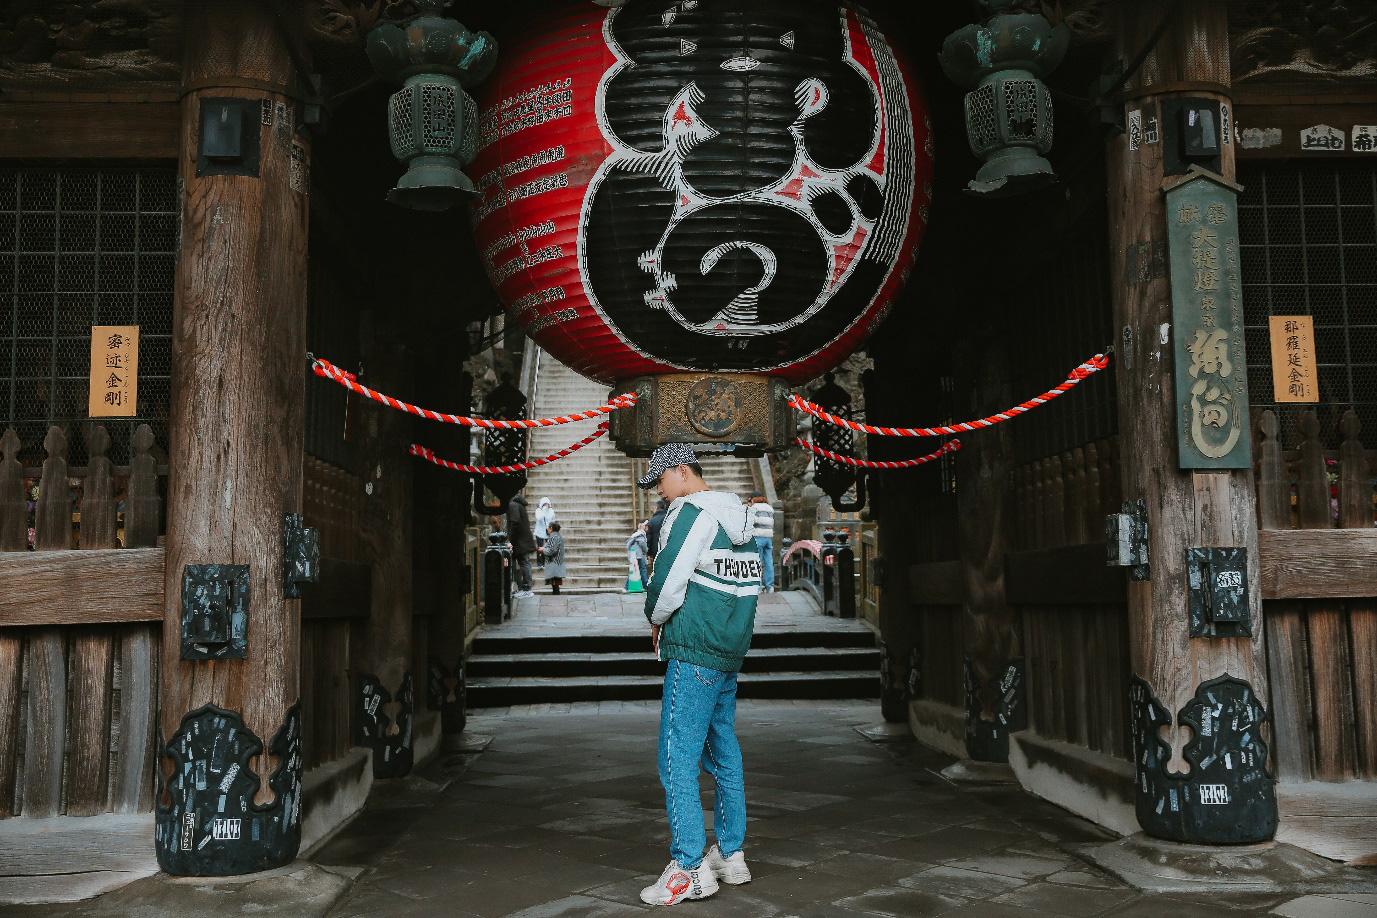 Khám phá những địa danh không thể bỏ qua trong chuyến đi Nhật Bản dành cho những tín đồ mê xê dịch - Ảnh 1.